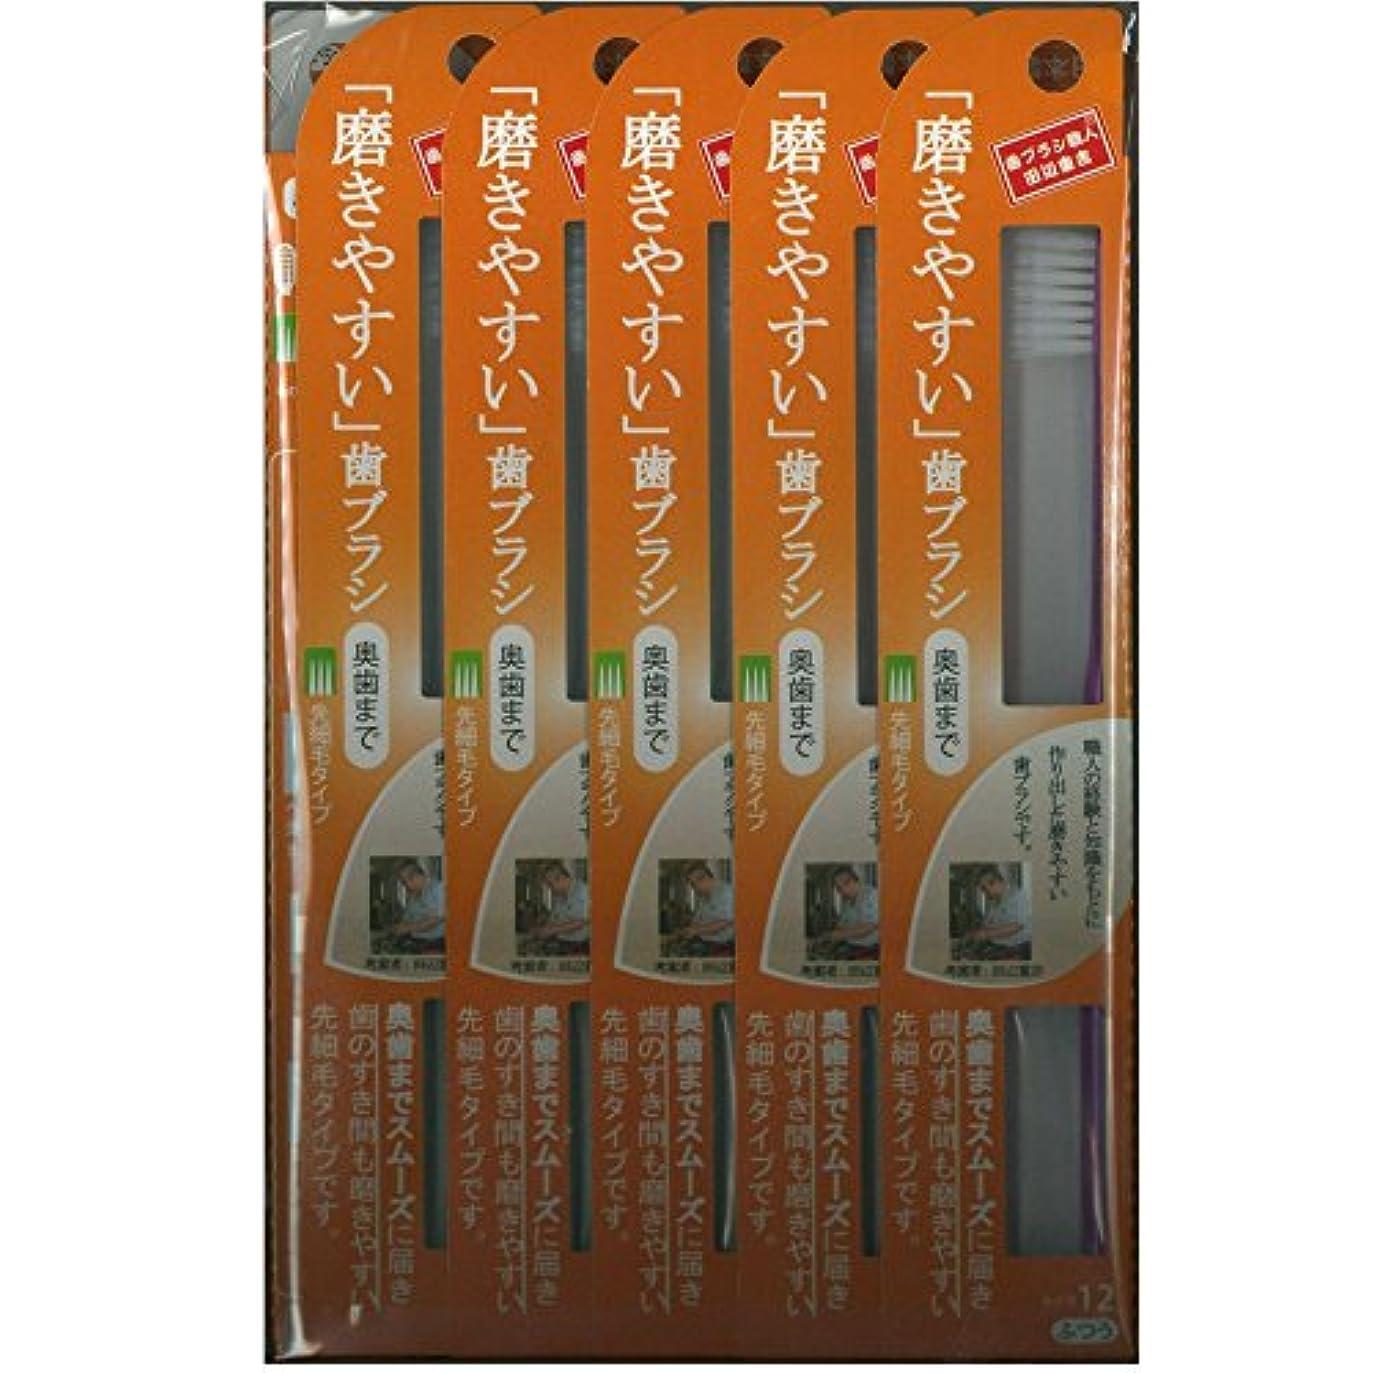 幻影法律によりアーティキュレーション磨きやすい歯ブラシ(奥歯まで)先細 LT-12×12本セット( ピンク×4本、ブルー×4本、グリーン×2本、パープル×2本)